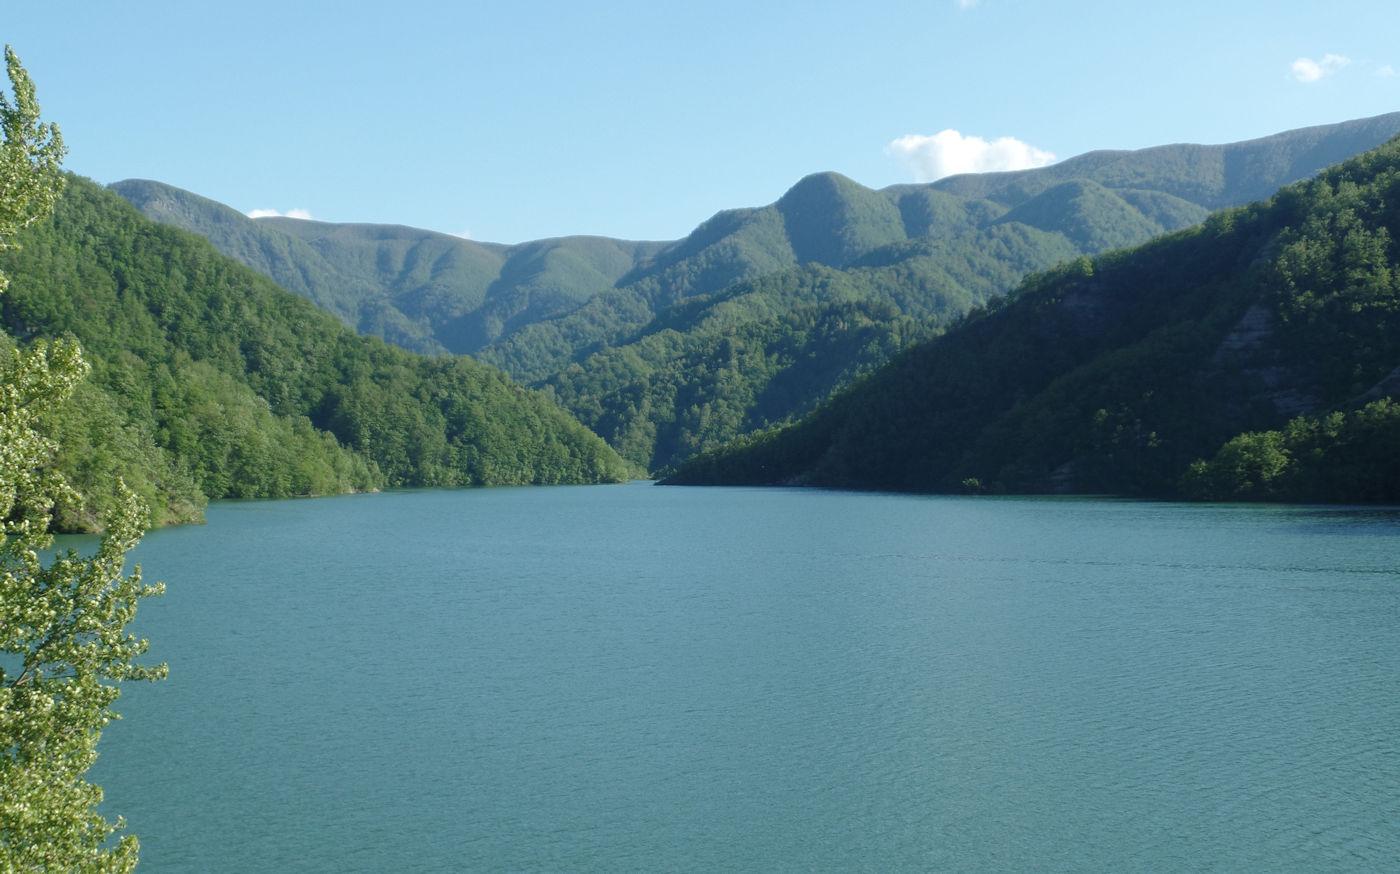 Diga di Ridracoli weekend nel casentino - Lago di Ridracoli